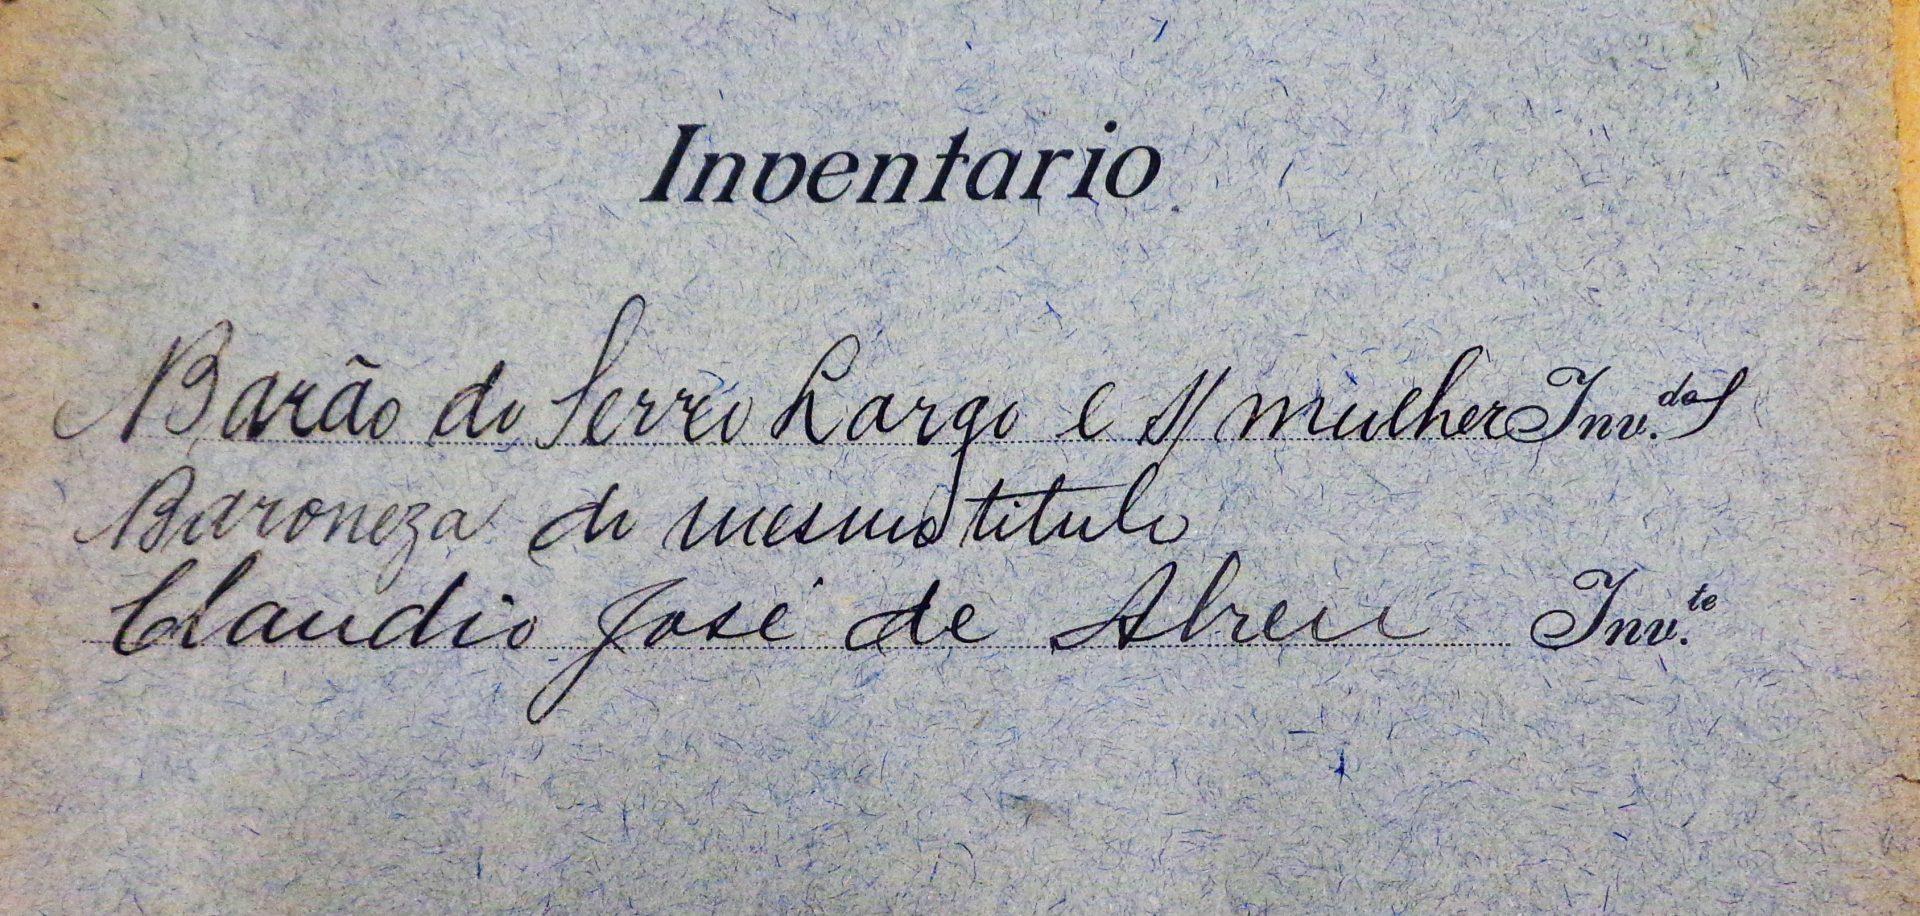 José de Abreu (i) : Repositório